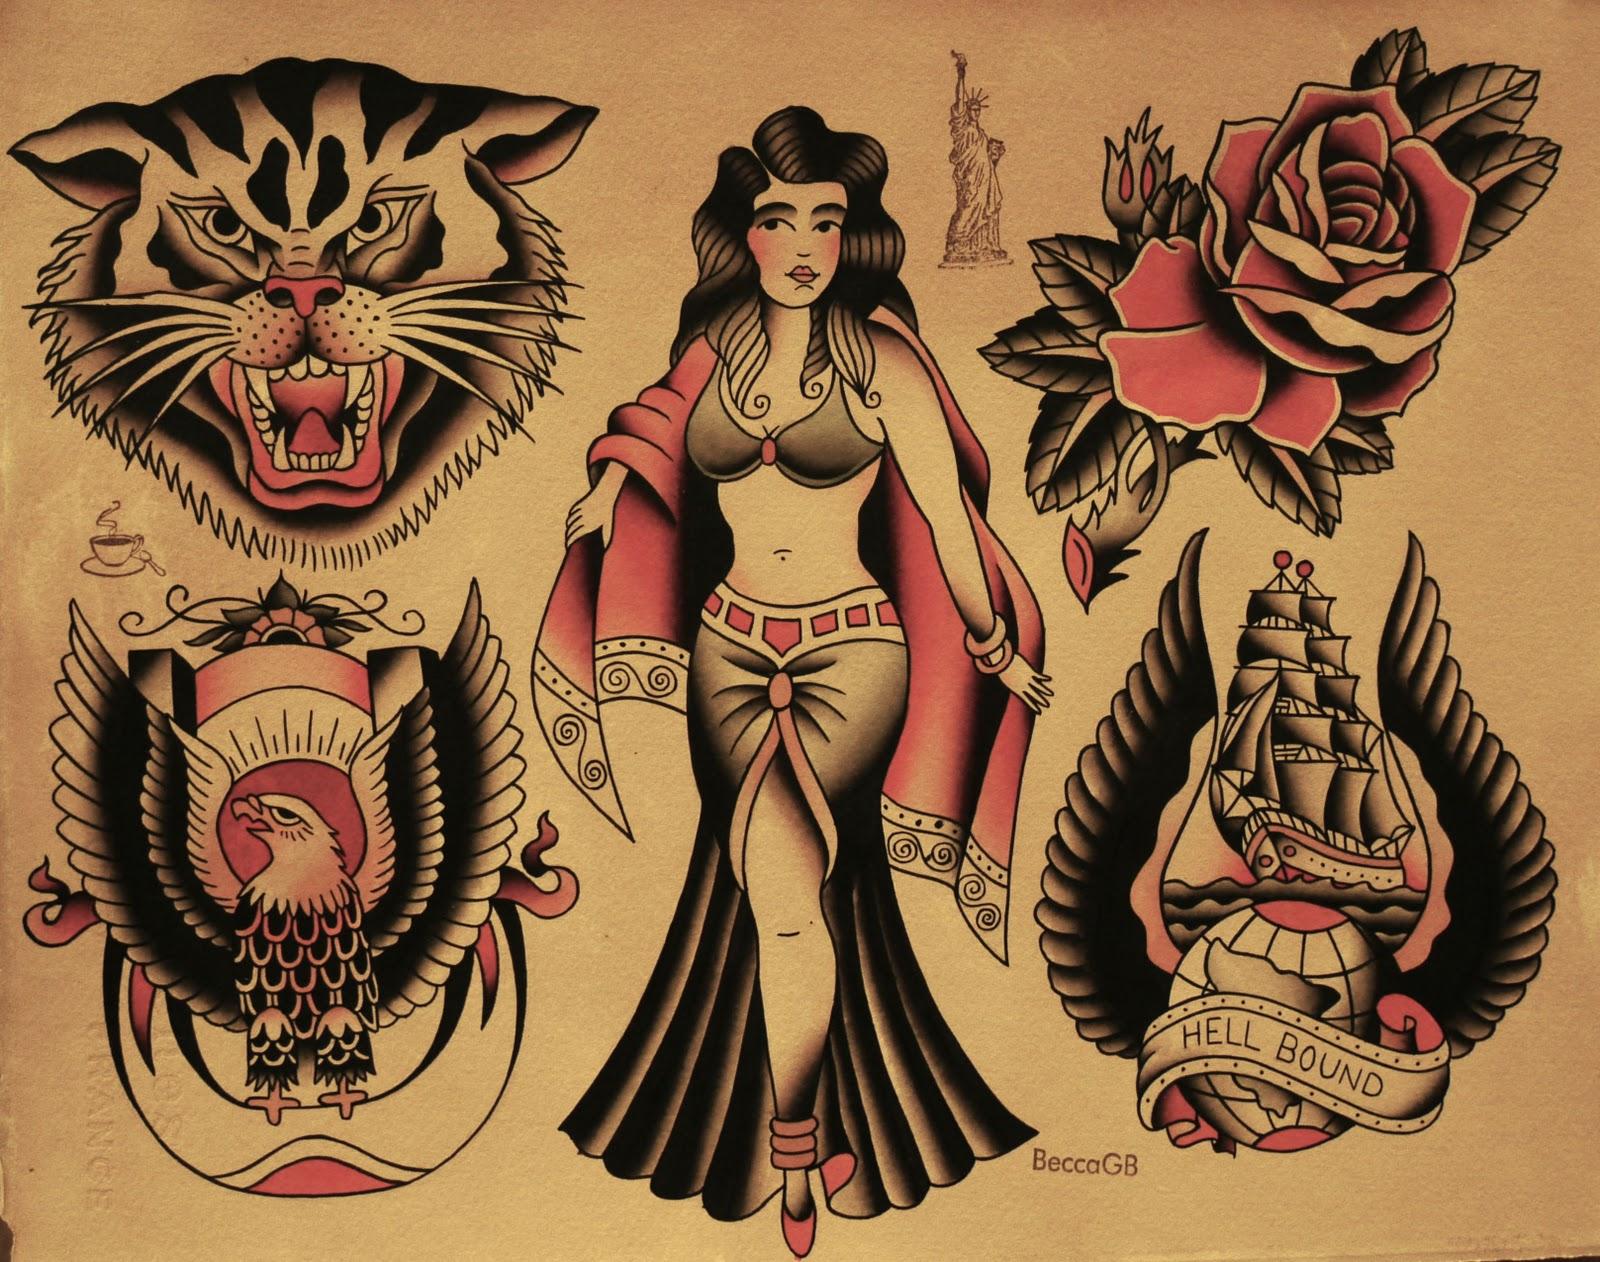 http://1.bp.blogspot.com/-oVYoQ3XOv5w/TpuE2my-GGI/AAAAAAAAAcI/XXvMtIbrdgw/s1600/6.jpg